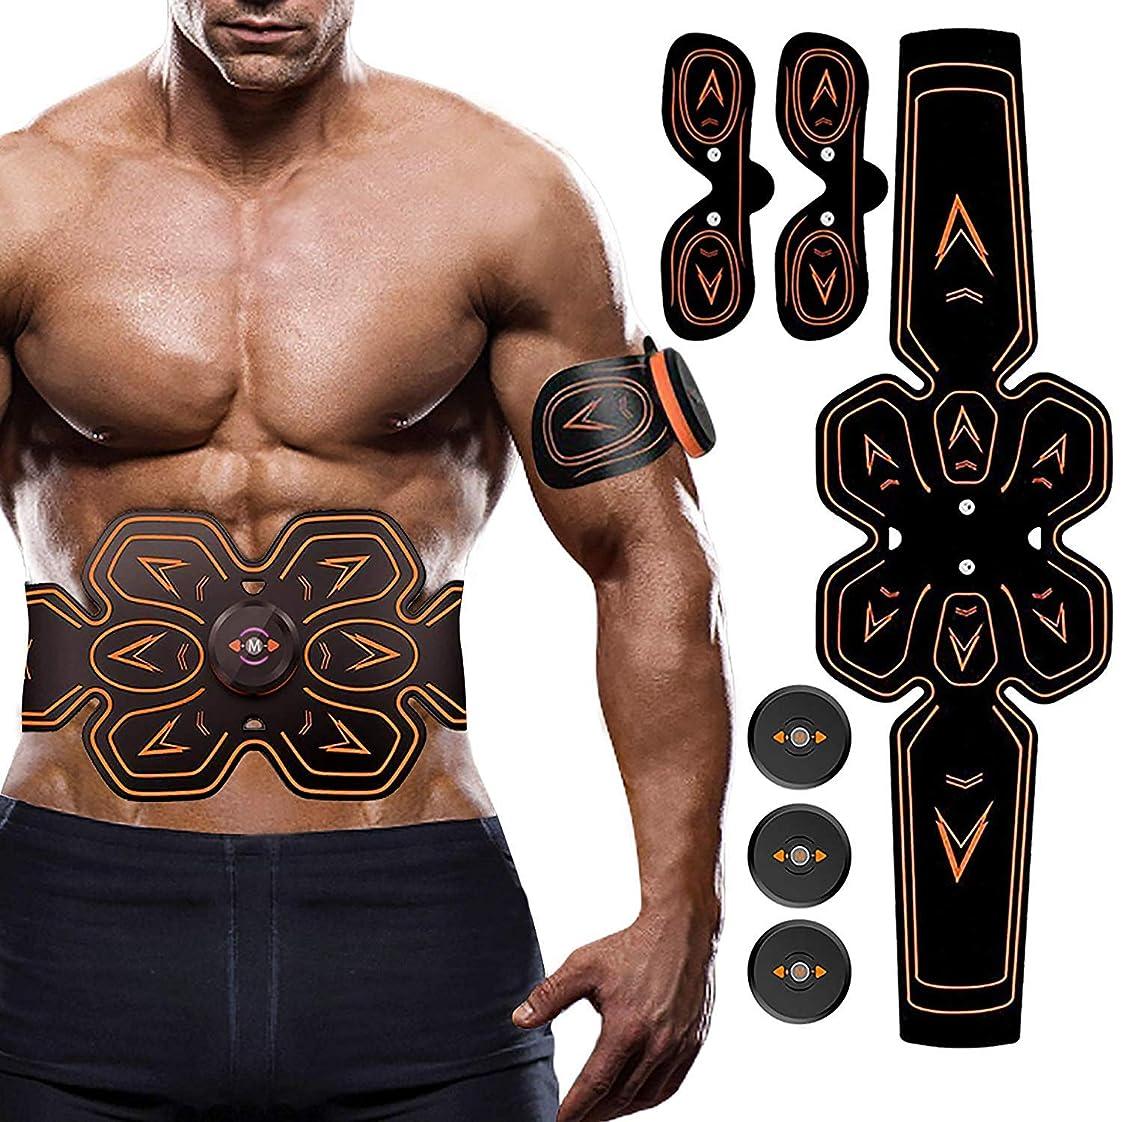 化粧ズボンコンプライアンス電気腹部筋肉刺激装置、ABSウエストトレーナーフィットネス減量体重減少マッサージャー用男性と女性の脂肪燃焼